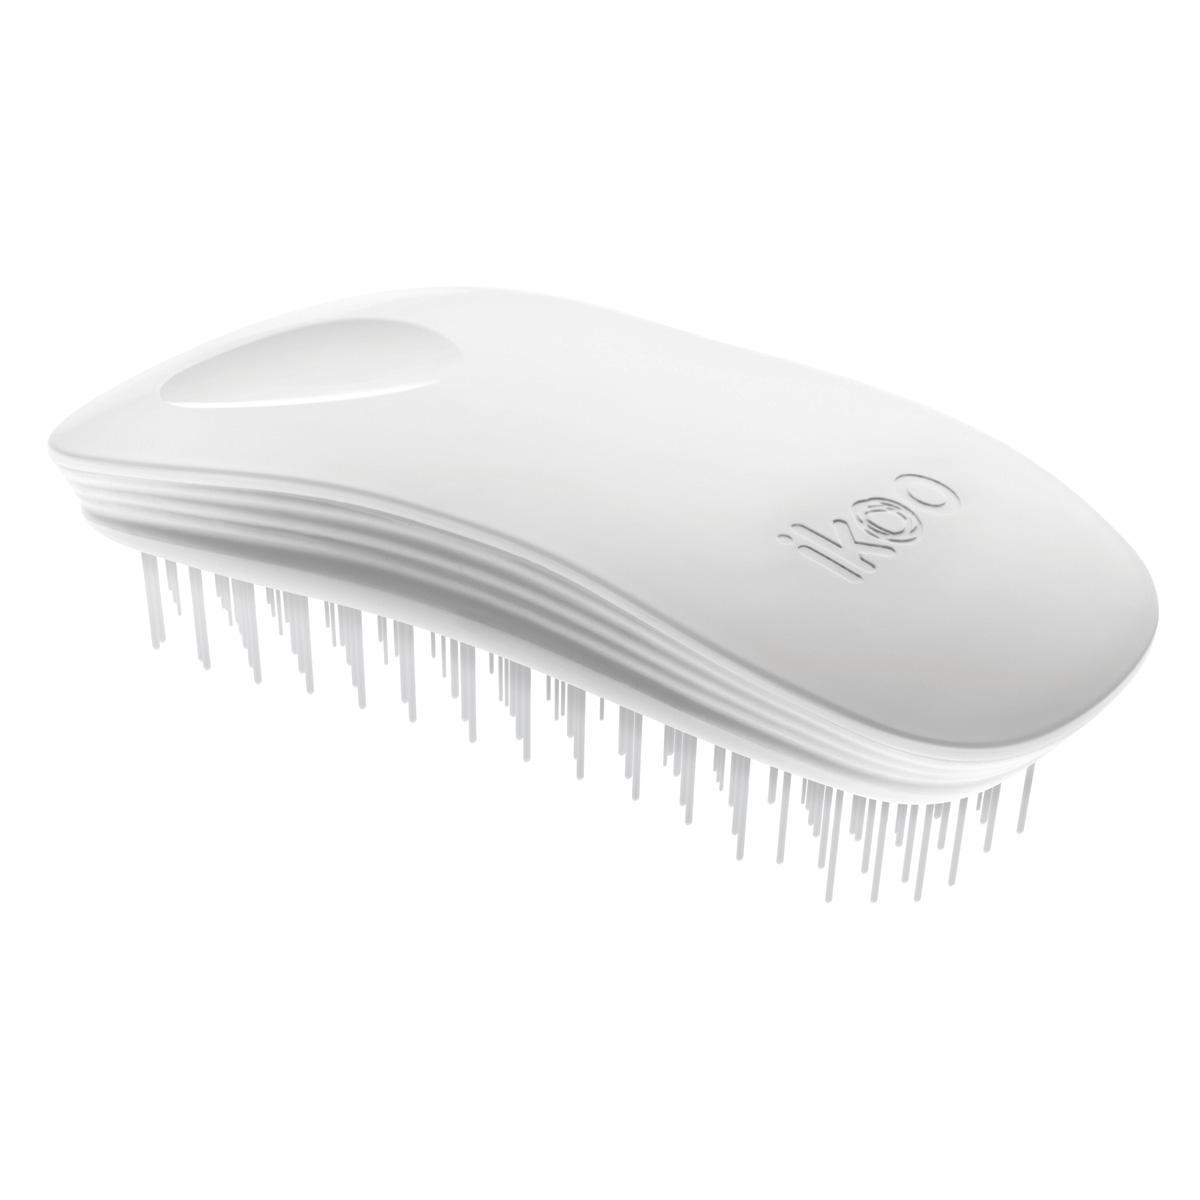 Ikoo Расческа-детанглер Home Classic White90023Ikoo – это расческа-детанглер, которая: - придает объем и блеск волосам - массирует кожу головы - позволяет заботиться о волосах даже во время расчесывания и не оставляет шанса секущимся кончикам - легко распутывает влажные волосы - распутывает волосы без боли Уникальный подход щетки ikoo — расположение и структура щетинок, которые позволяют не только легко распутывать и расчесывать волосы, но и делать массаж головы в соответствии с принципами традиционной китайской медицины. Щетинки стимулируют энергетические меридианы и рефлексогенные зоны, что также положительно влияет на вегетативную нервную систему. Благодаря оптимальной степени твердости щетины, волосы распутываются легко и без вытягивания. Щетка ikoo сохраняет свою функциональность даже после долговременного использования. Щетки ikoo изготовлены из высококачественной смолы и акрила. Для комфортного использования корпус щетки отделан натуральной резиной, что помогает надежно удерживать щетку в руке. Скомбинировав эти три...